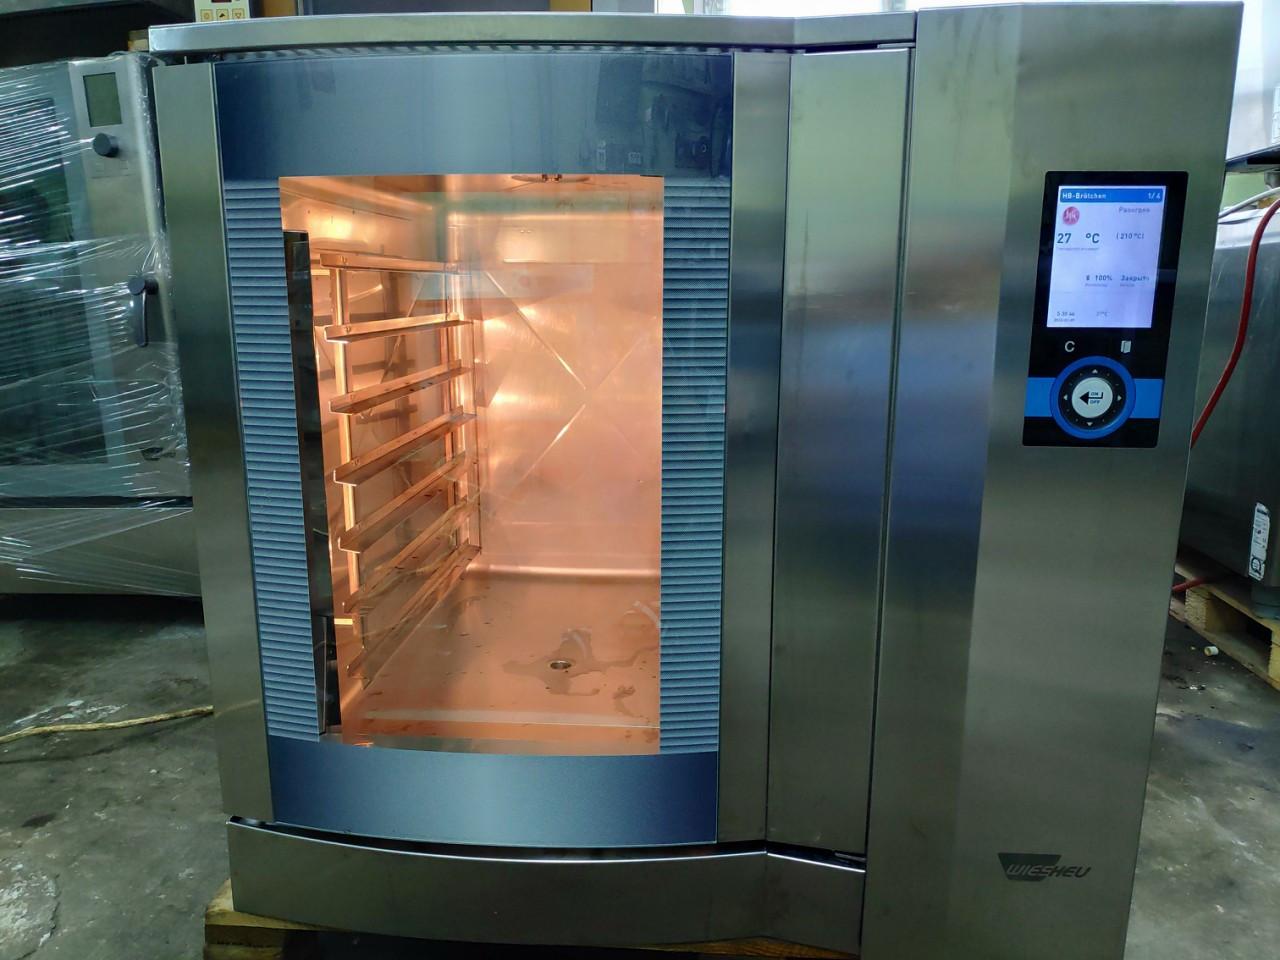 Wiesheu Dibas 64 blue M Конвекционная печь с утапливаемой дверью русский язык с функцией мойки   (7 противней)